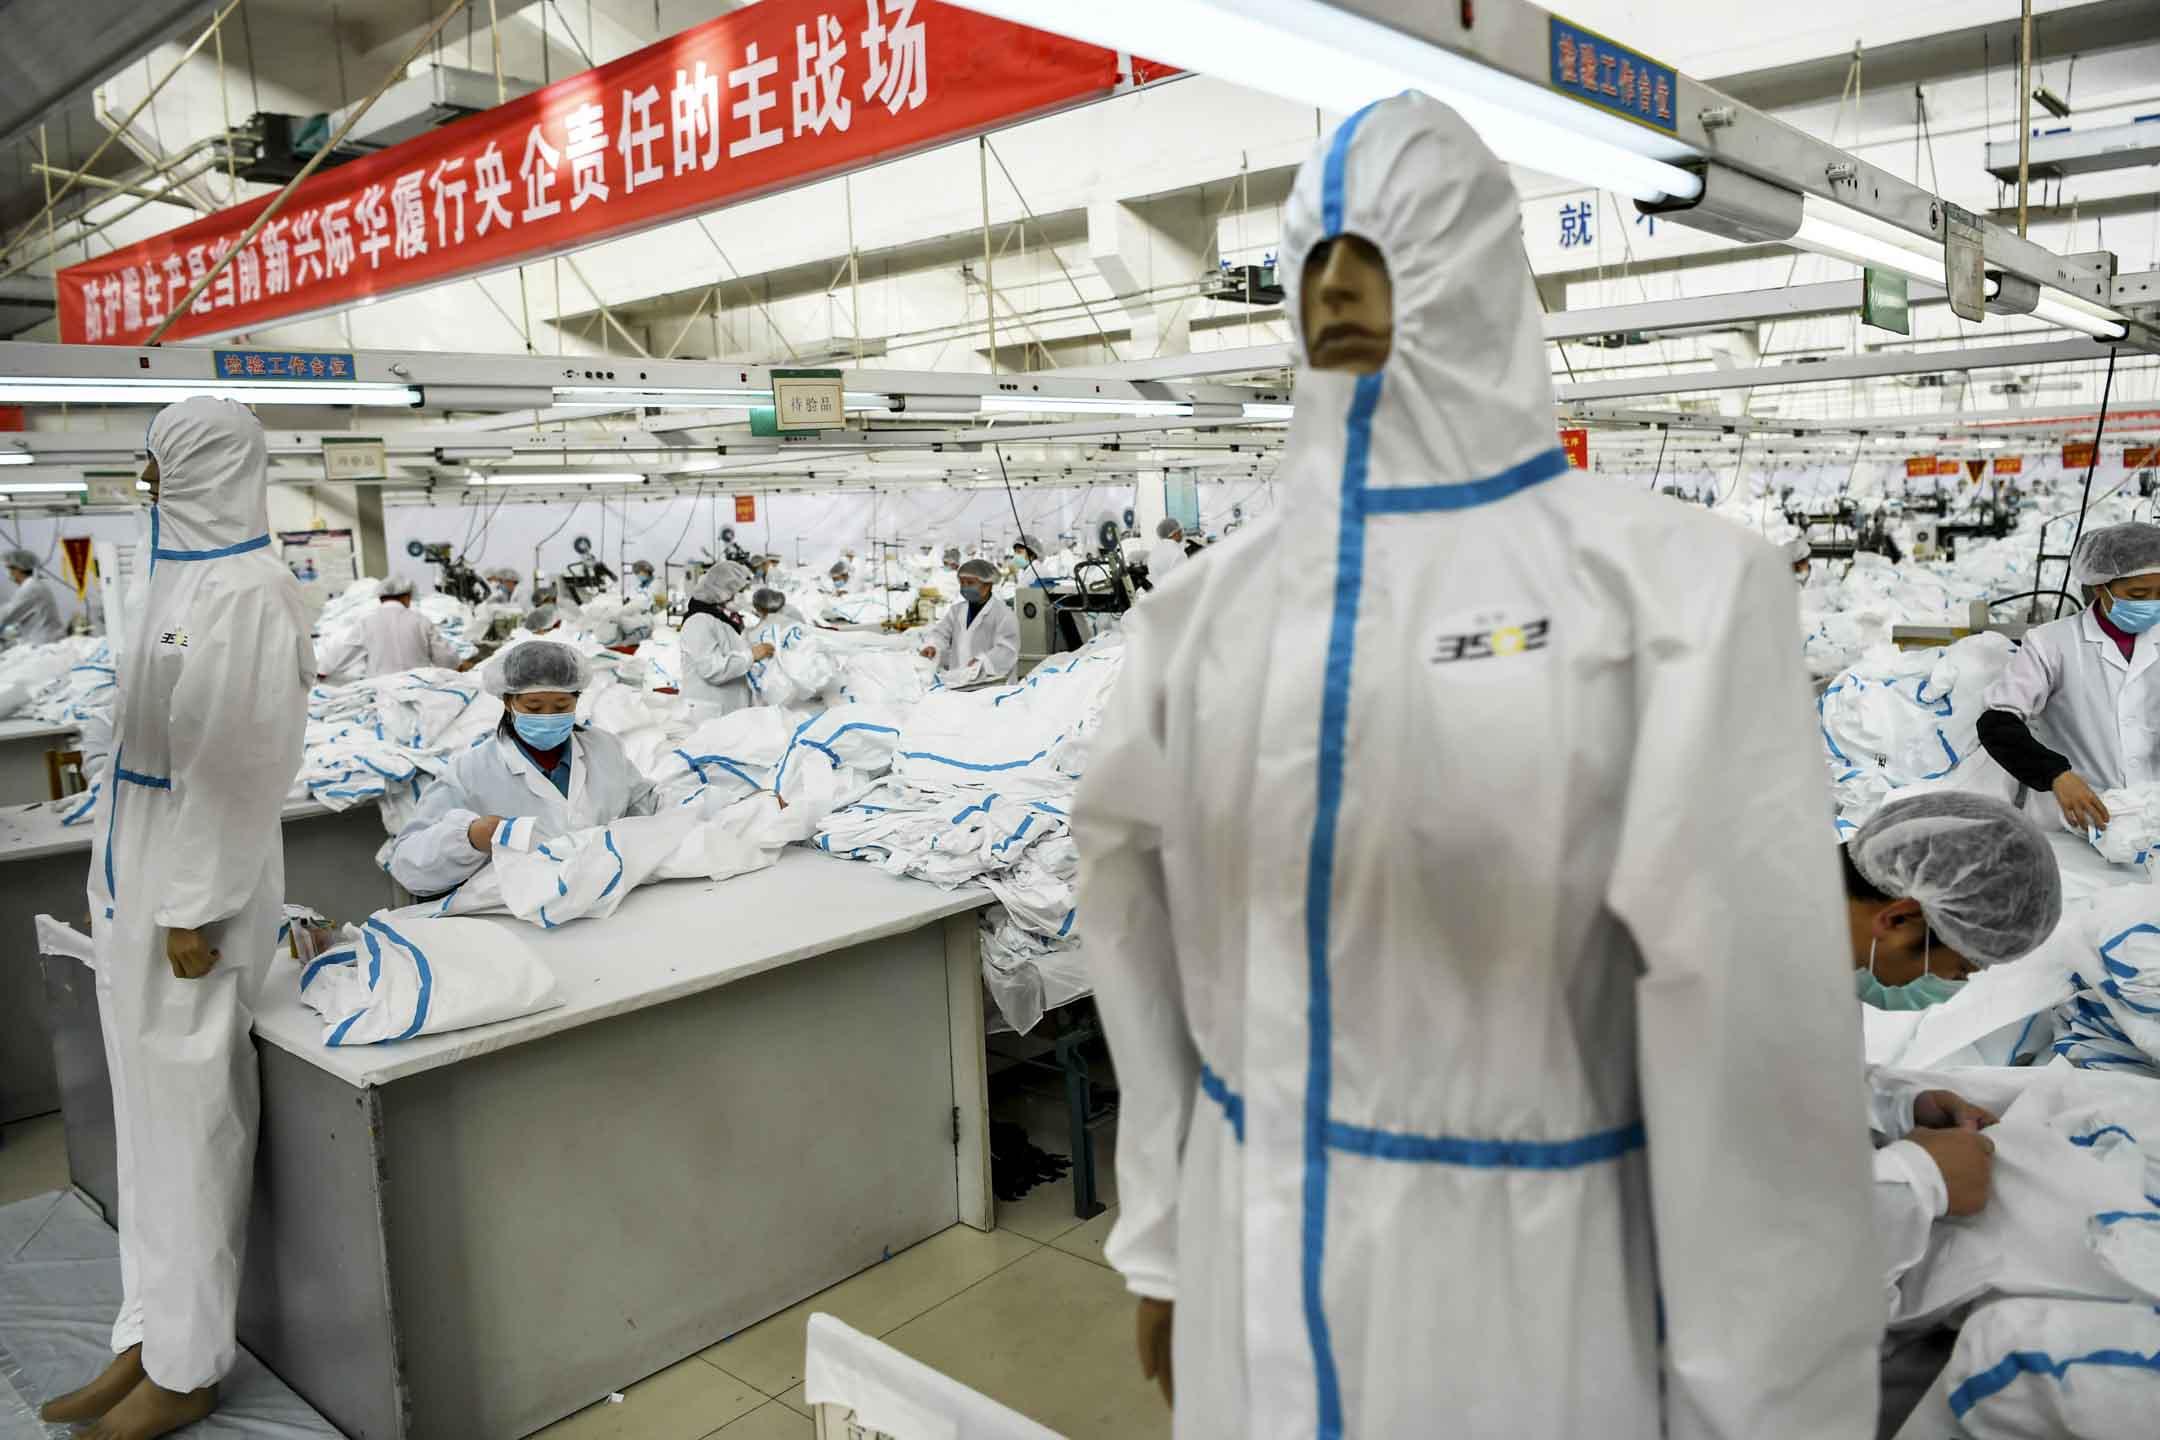 2020年2月17日,中國河北石家莊一間工廠,工人每天生產26000件防護服,並於24小時內將其送到武漢。 攝:TPG/Getty Images